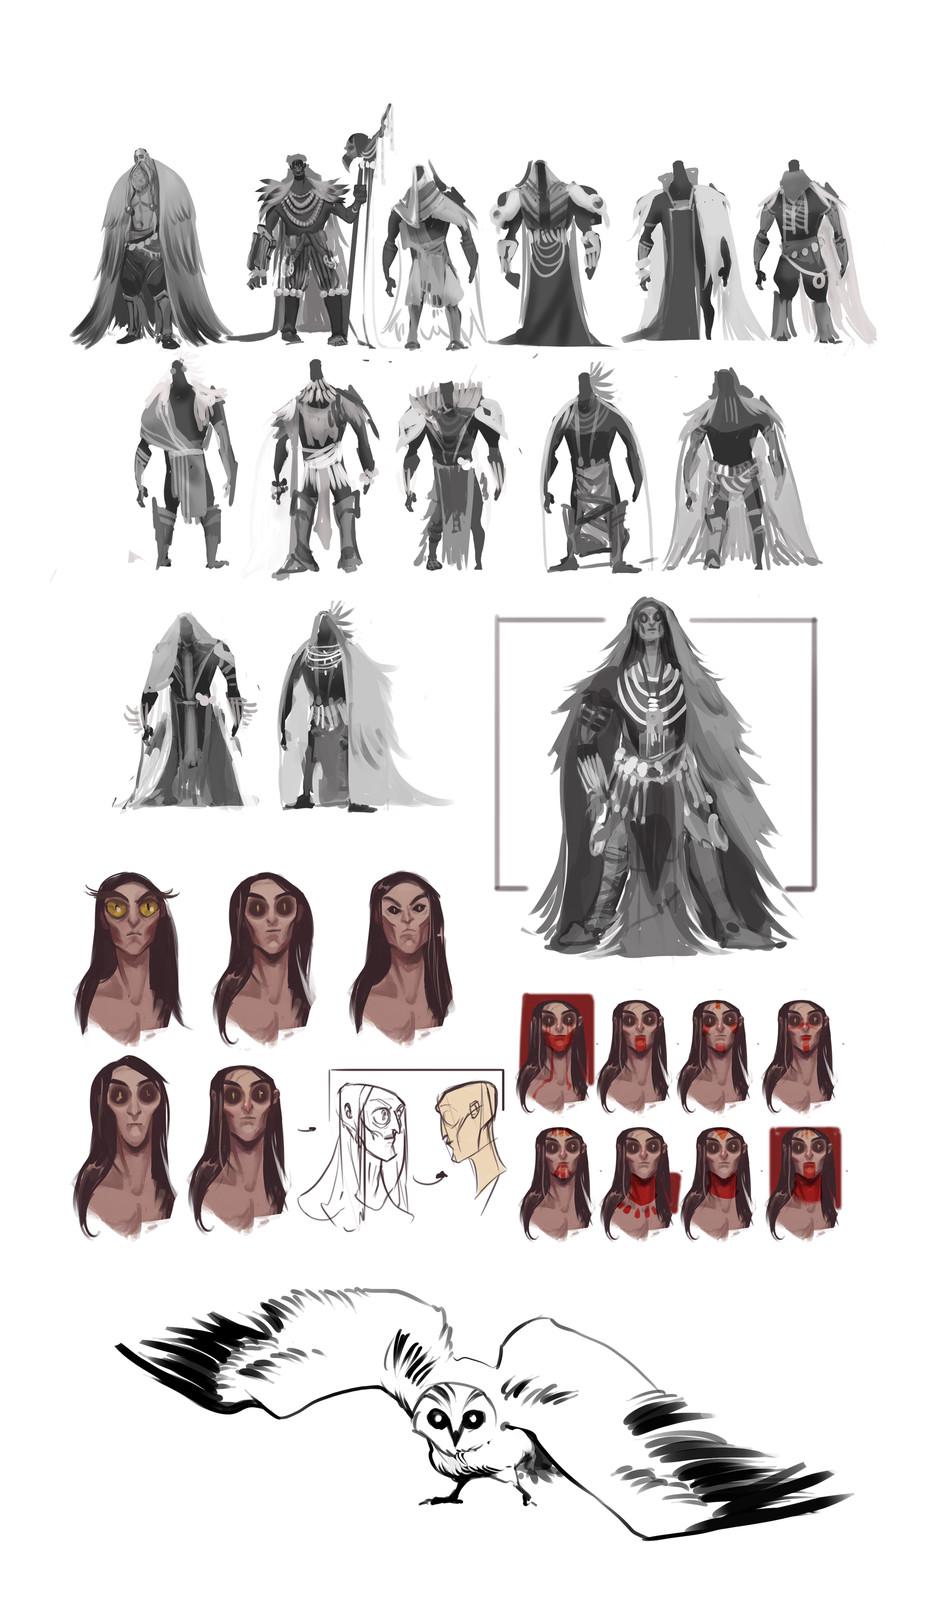 Some previous concepts